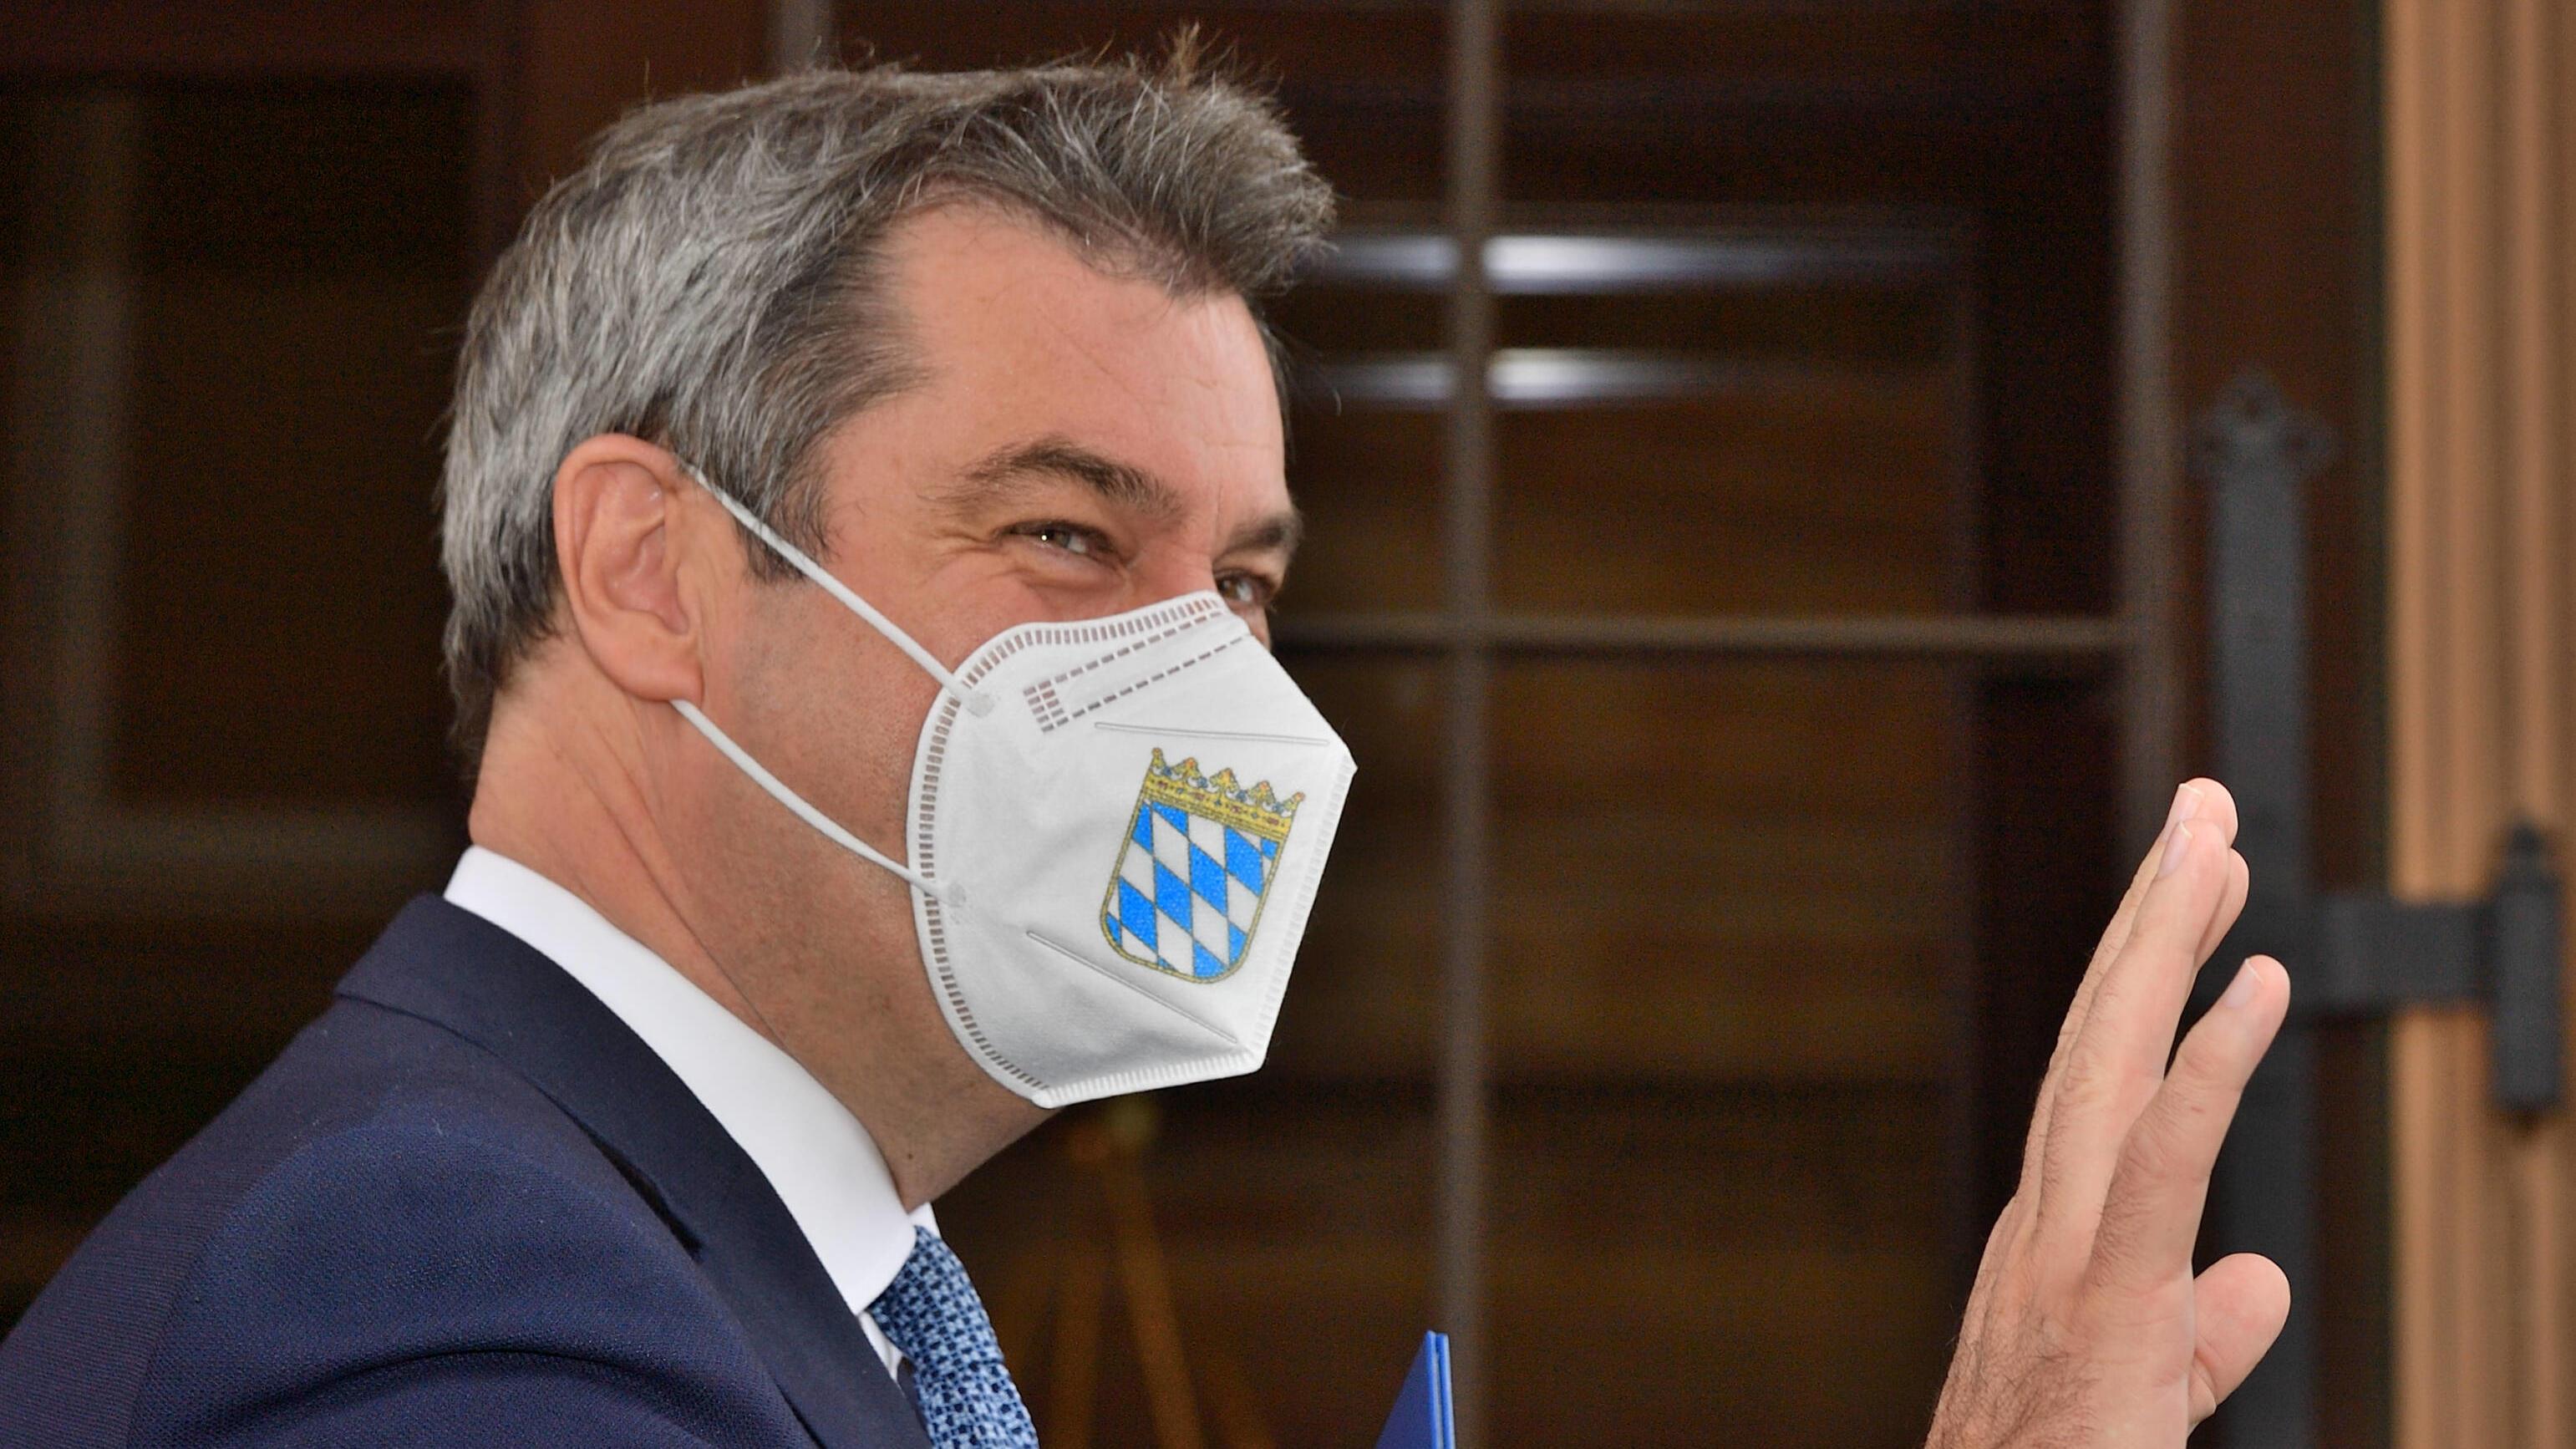 Nach Baerbocks Klimaplan - CSU und SPD schließen Flugverbot aus